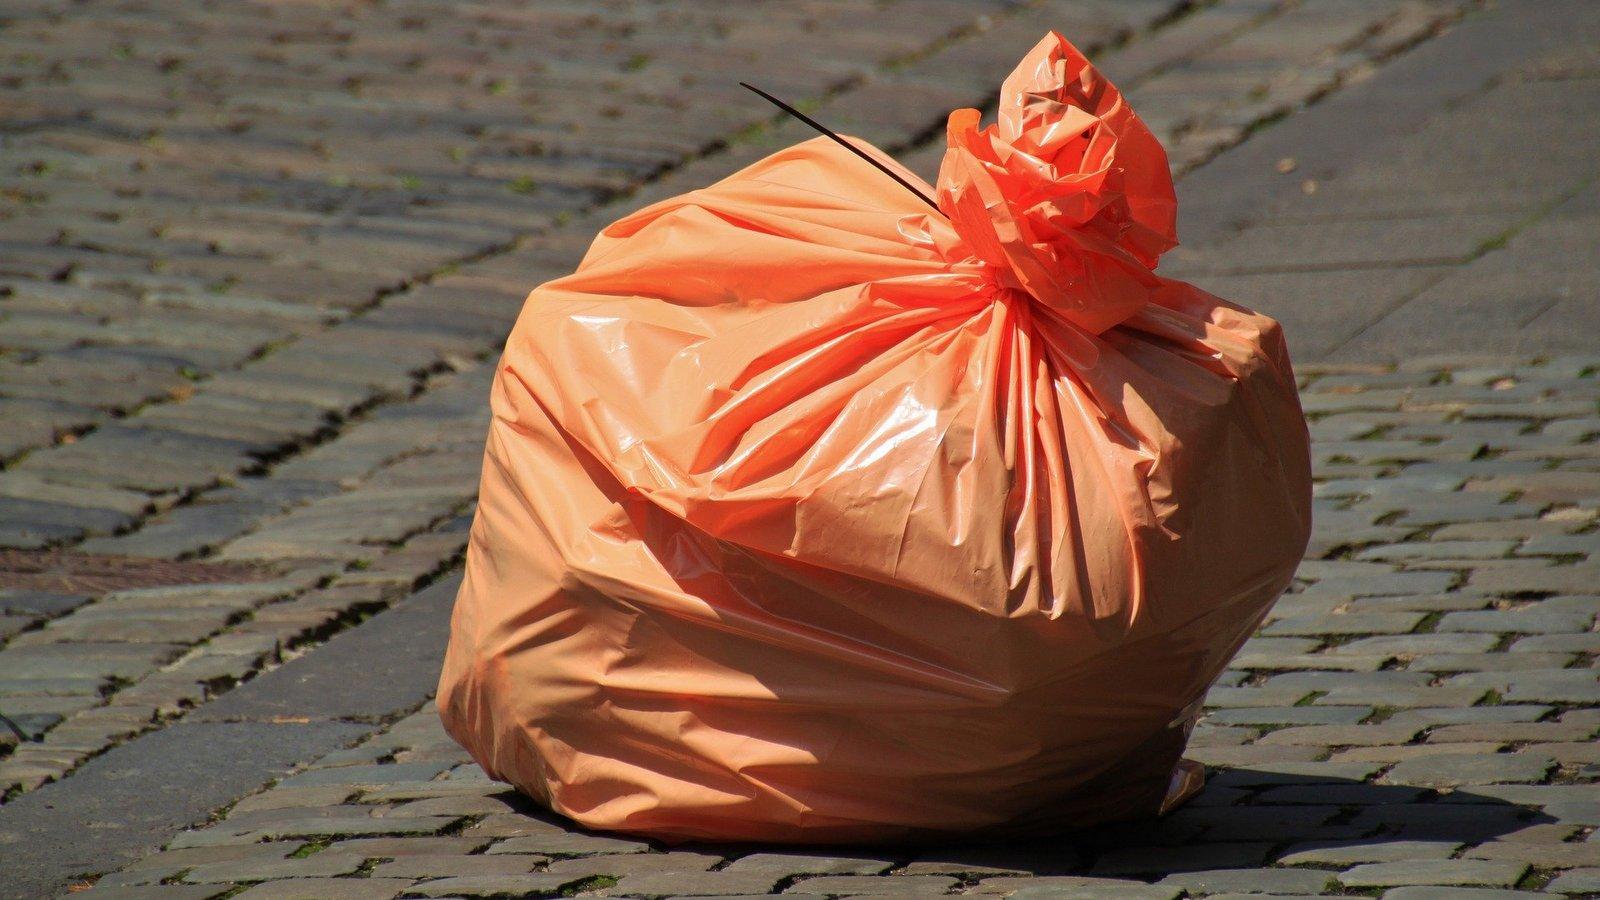 Nowa firma śmieciowa w Bydgoszczy, ale gdzie pojemniki na odpady?